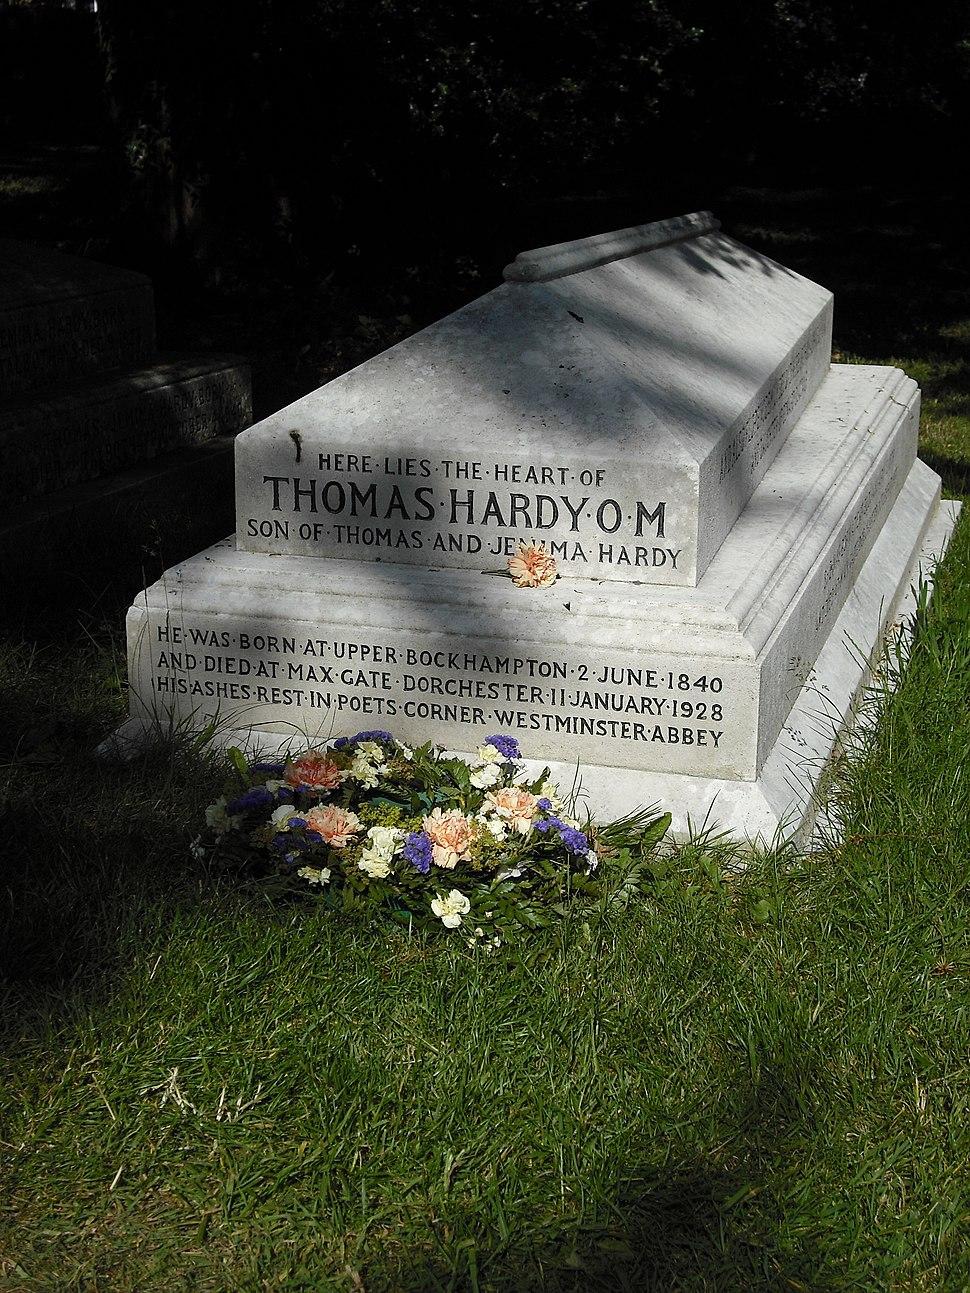 Thomas Hardy's heart